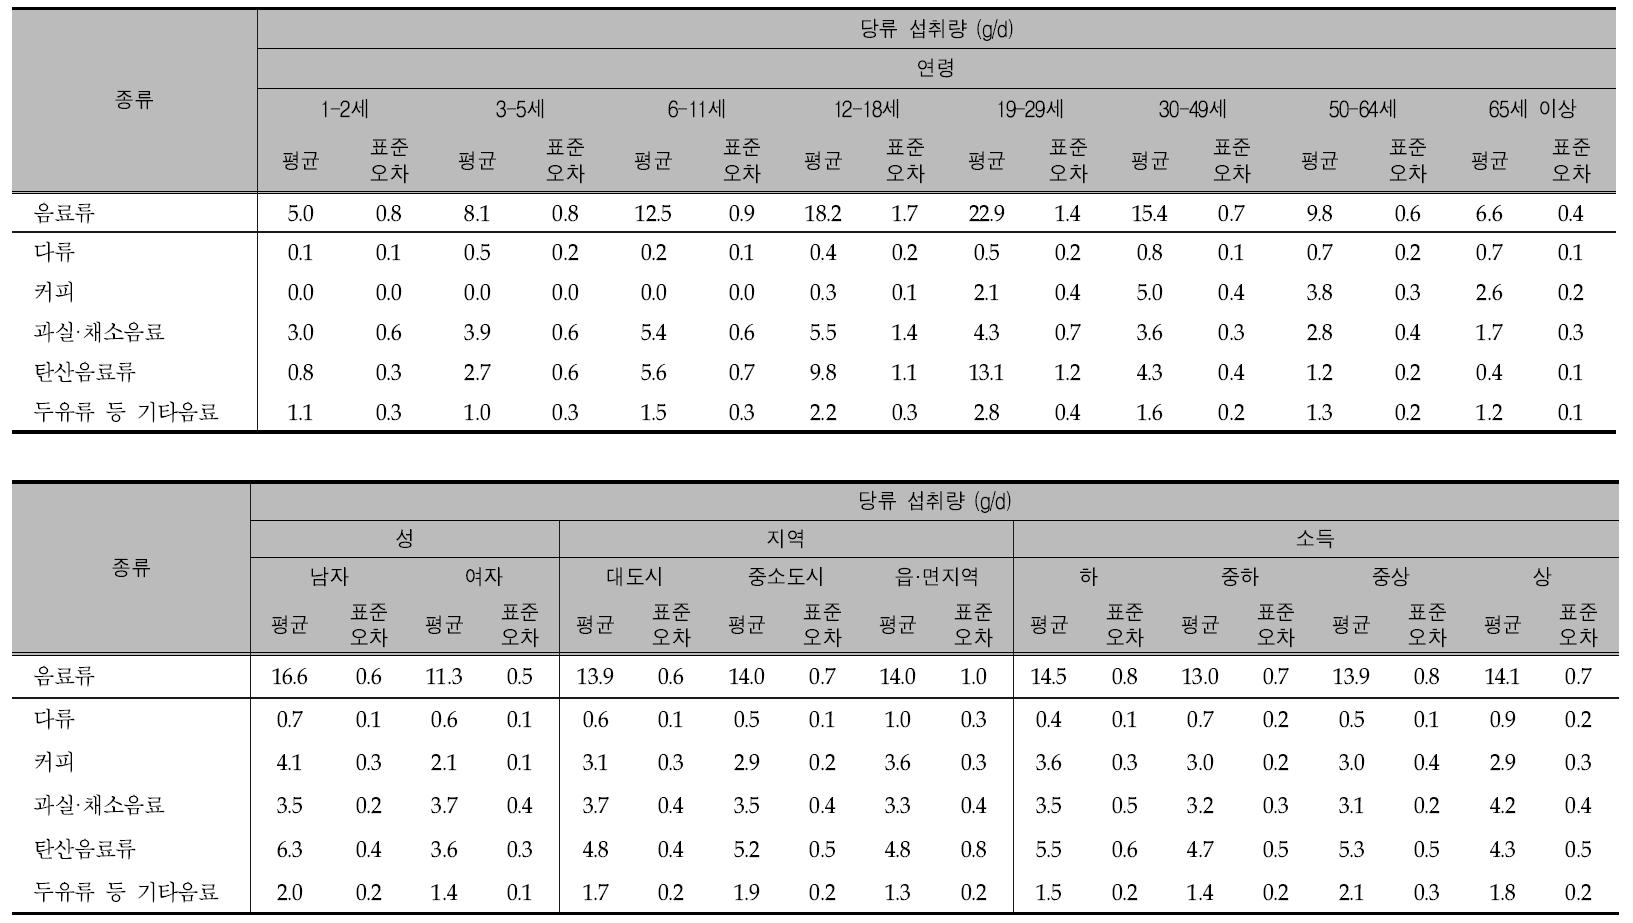 음료류 종류별 섭취량과 그에 따른 1인1일 평균 당류 섭취량(성별, 연령별, 지역별, 소득수준별): 2013년